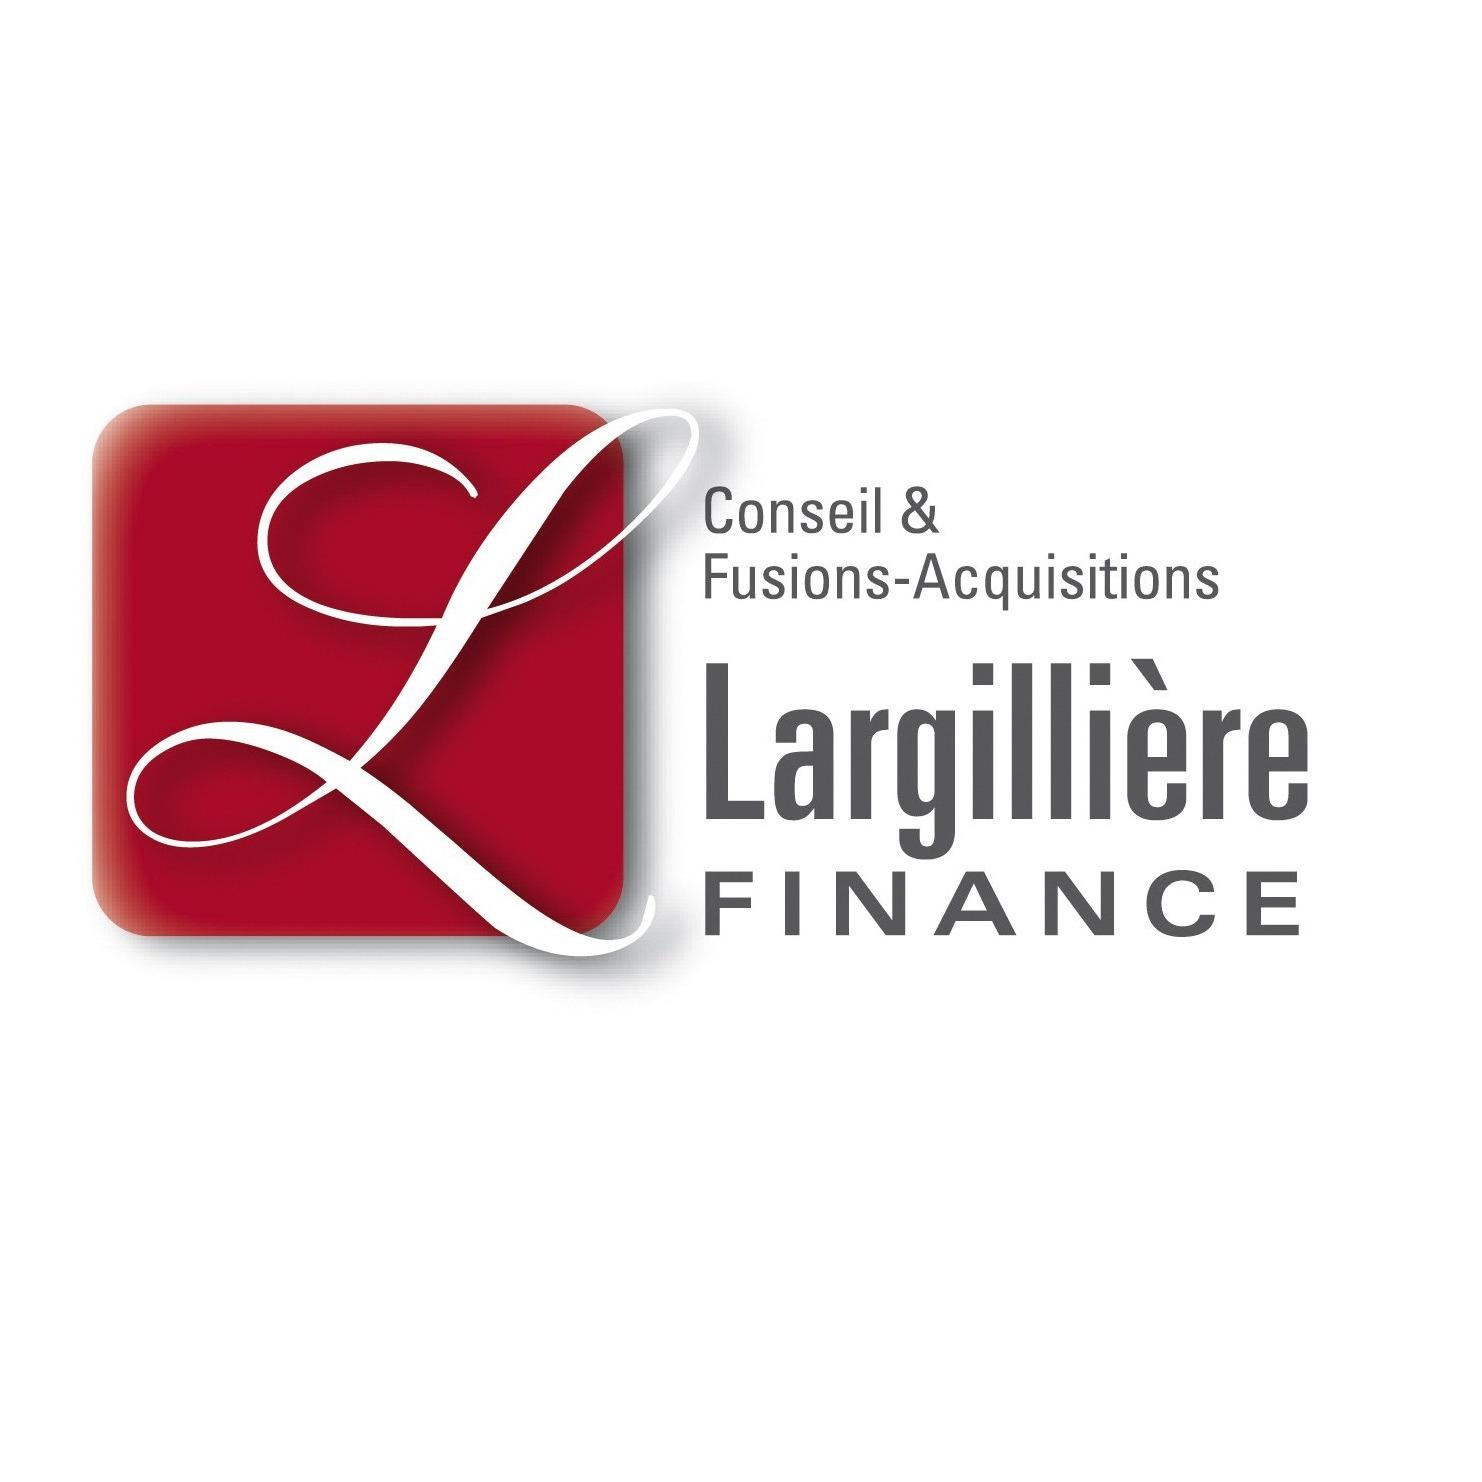 the Largillière Finance logo.